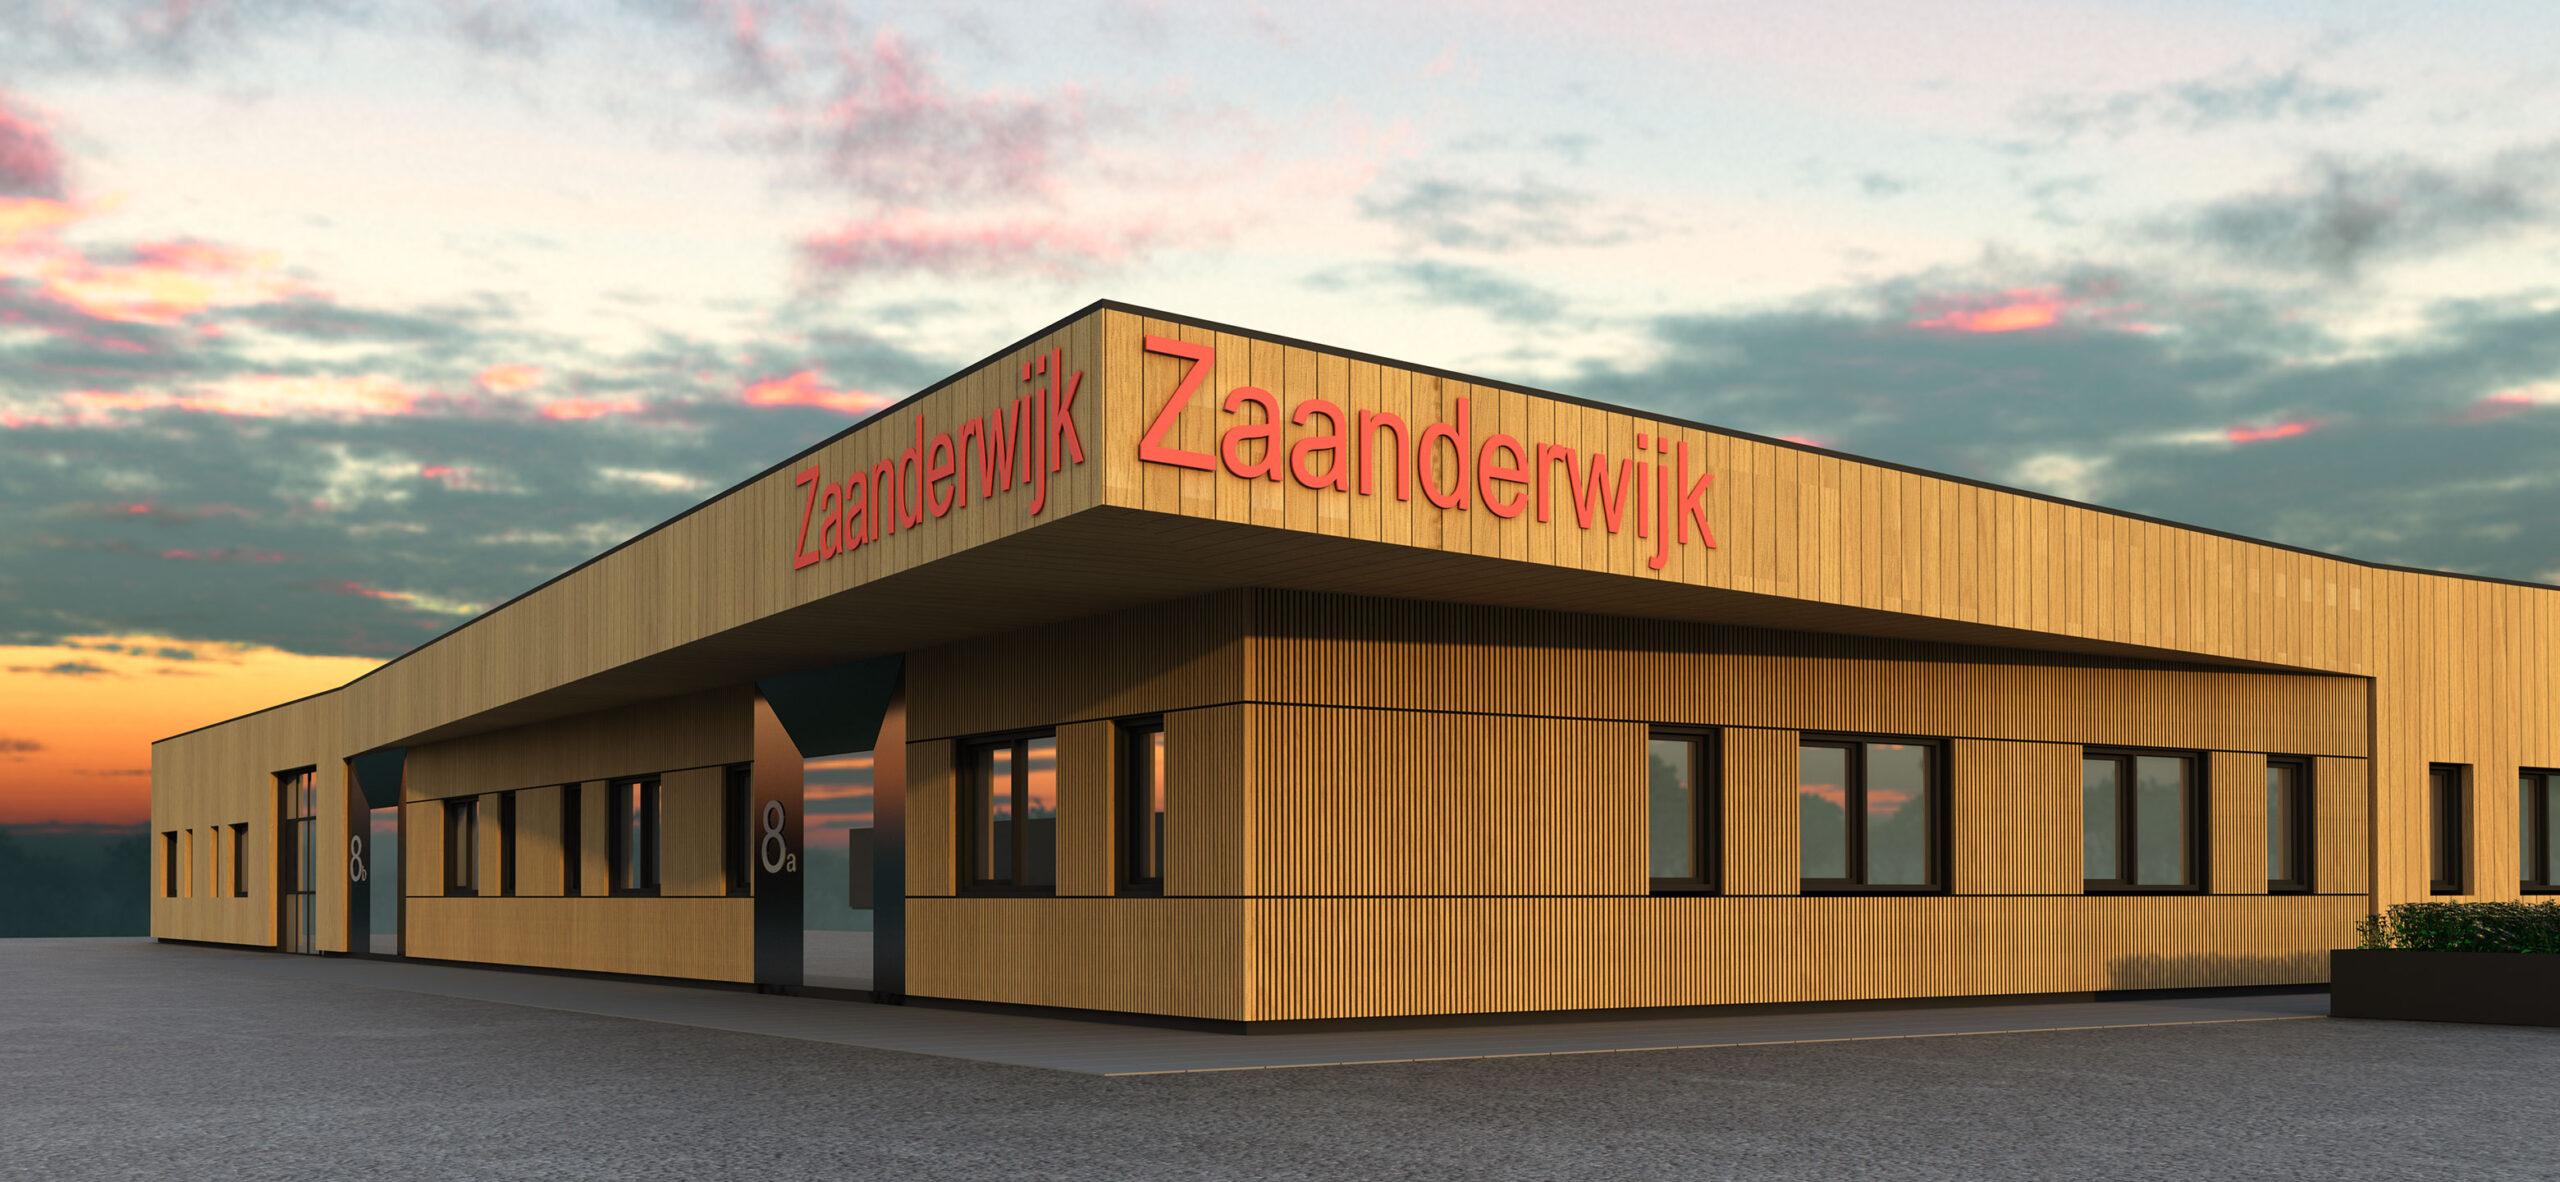 Ontwerp kantoor Zaanderwijk